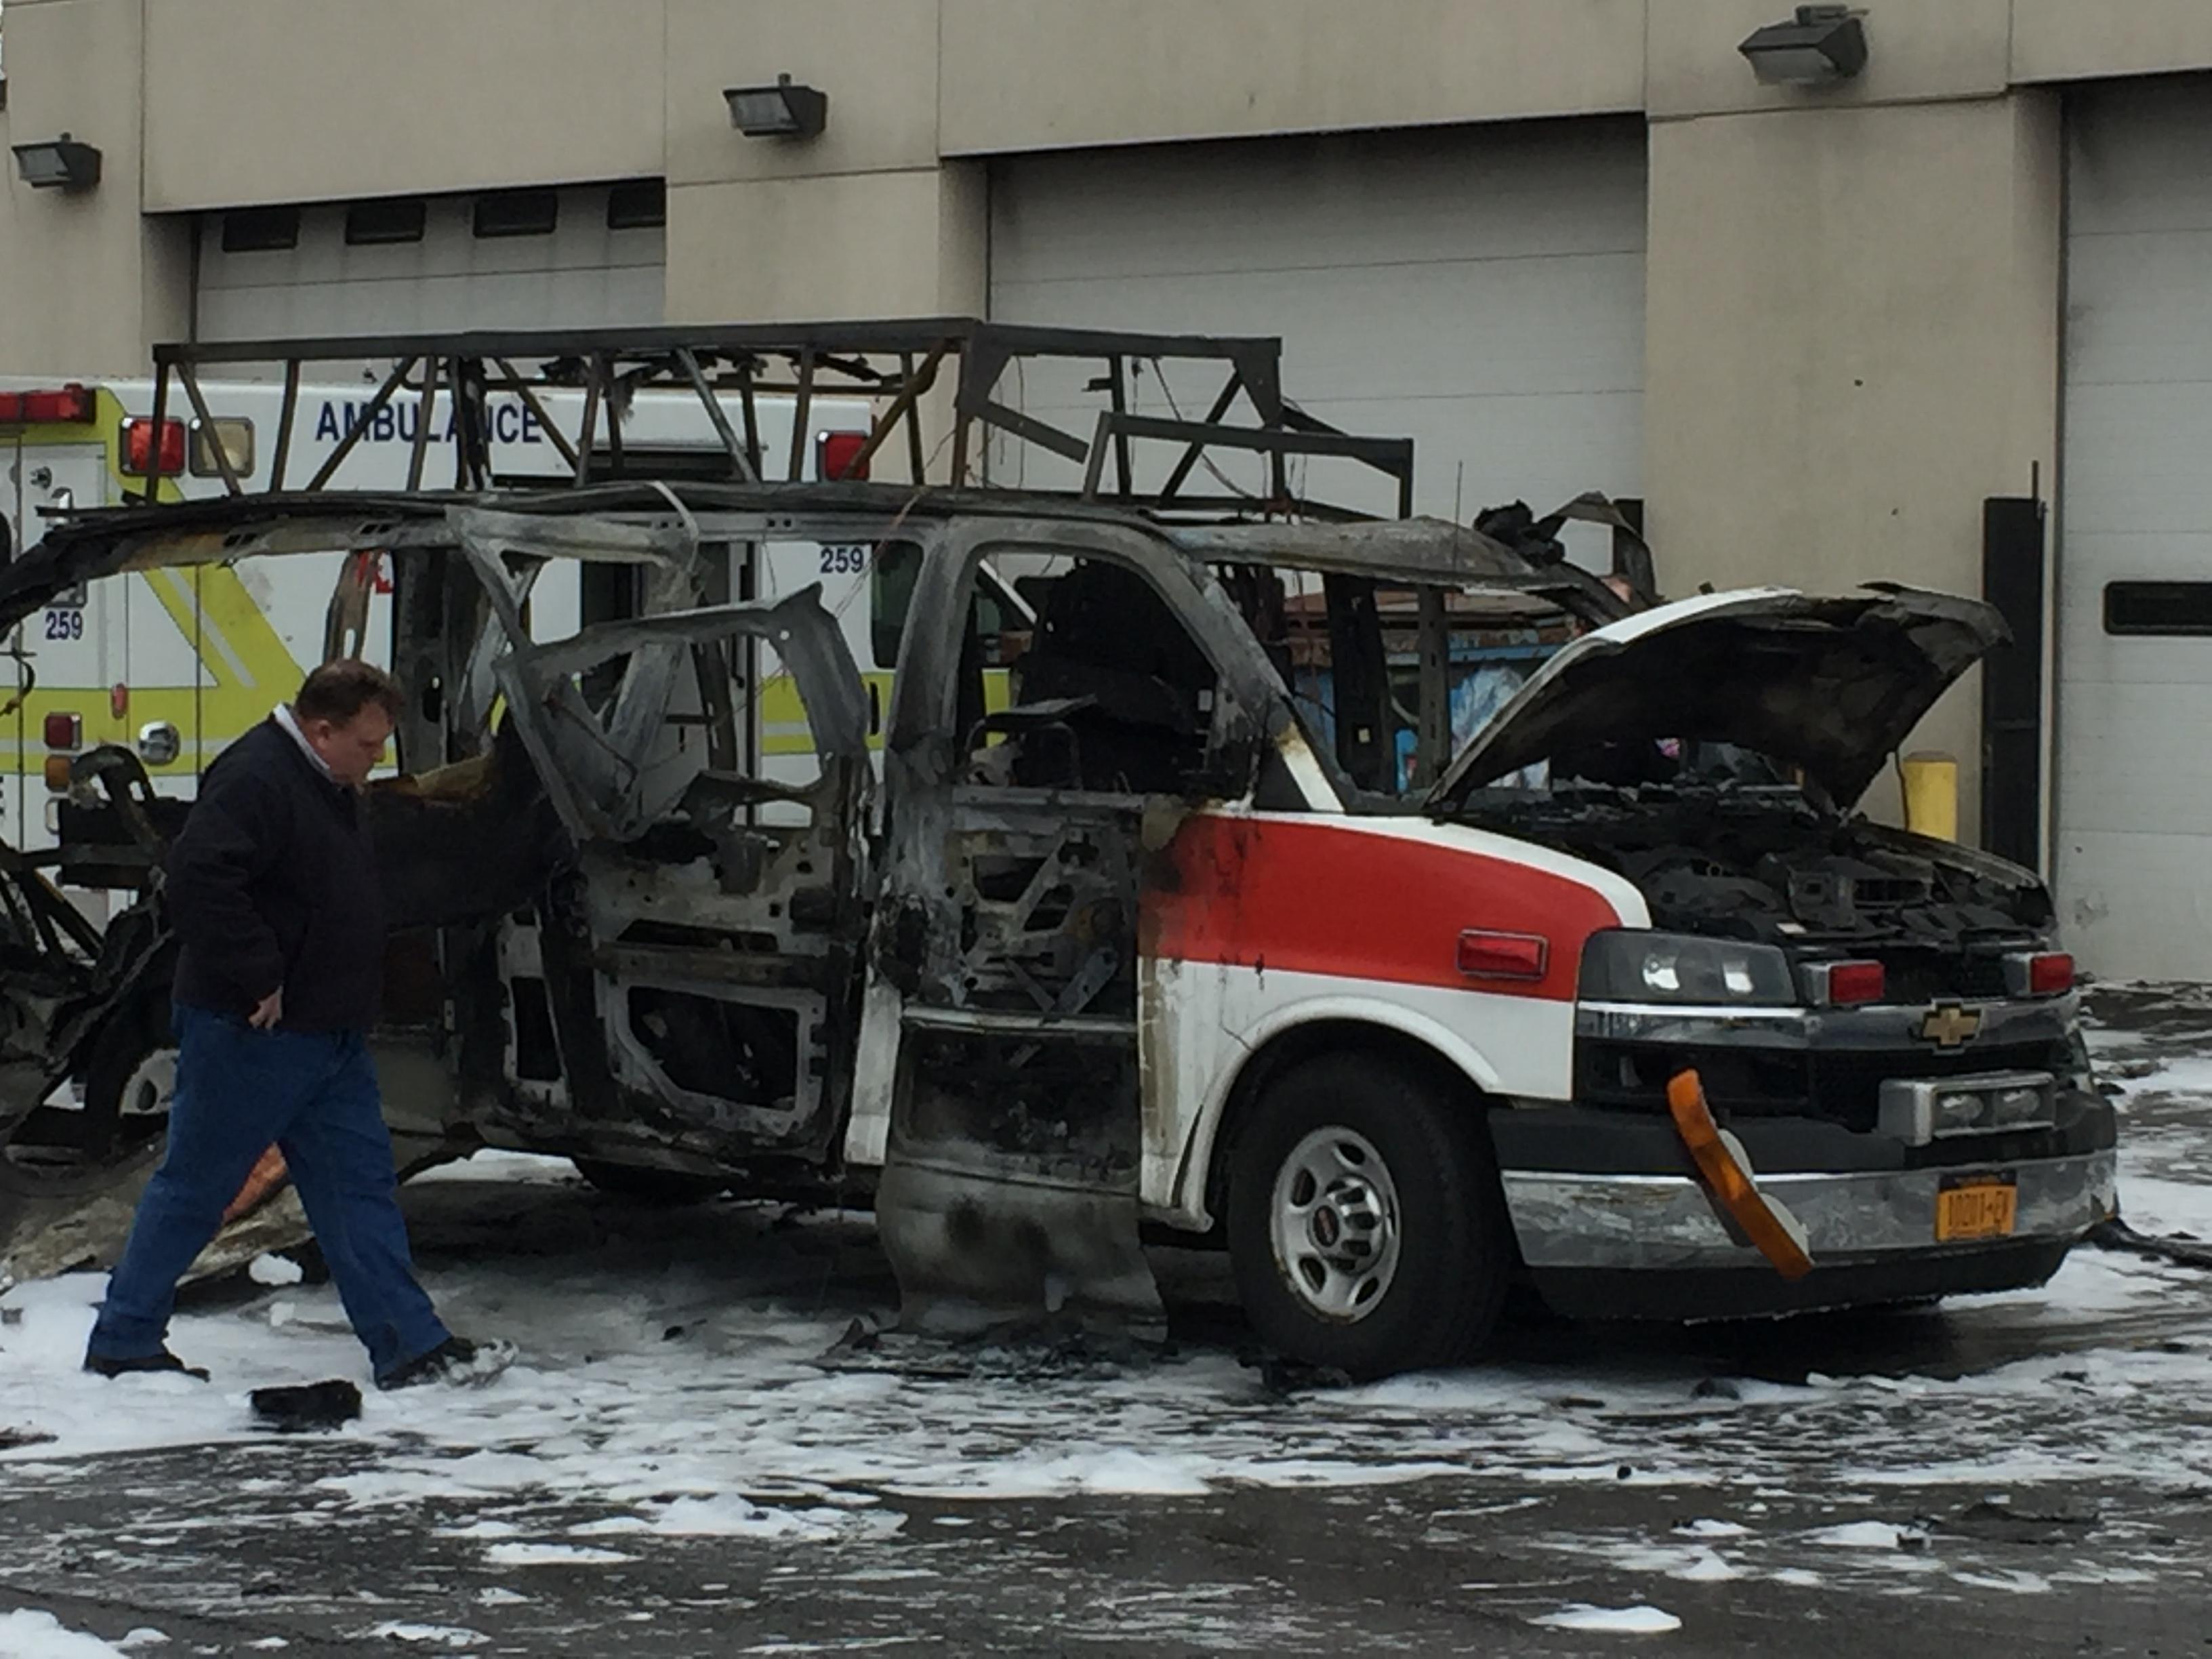 Ambulance fire explodes oxygen tank, sends shrapnel flying at AMR HQ